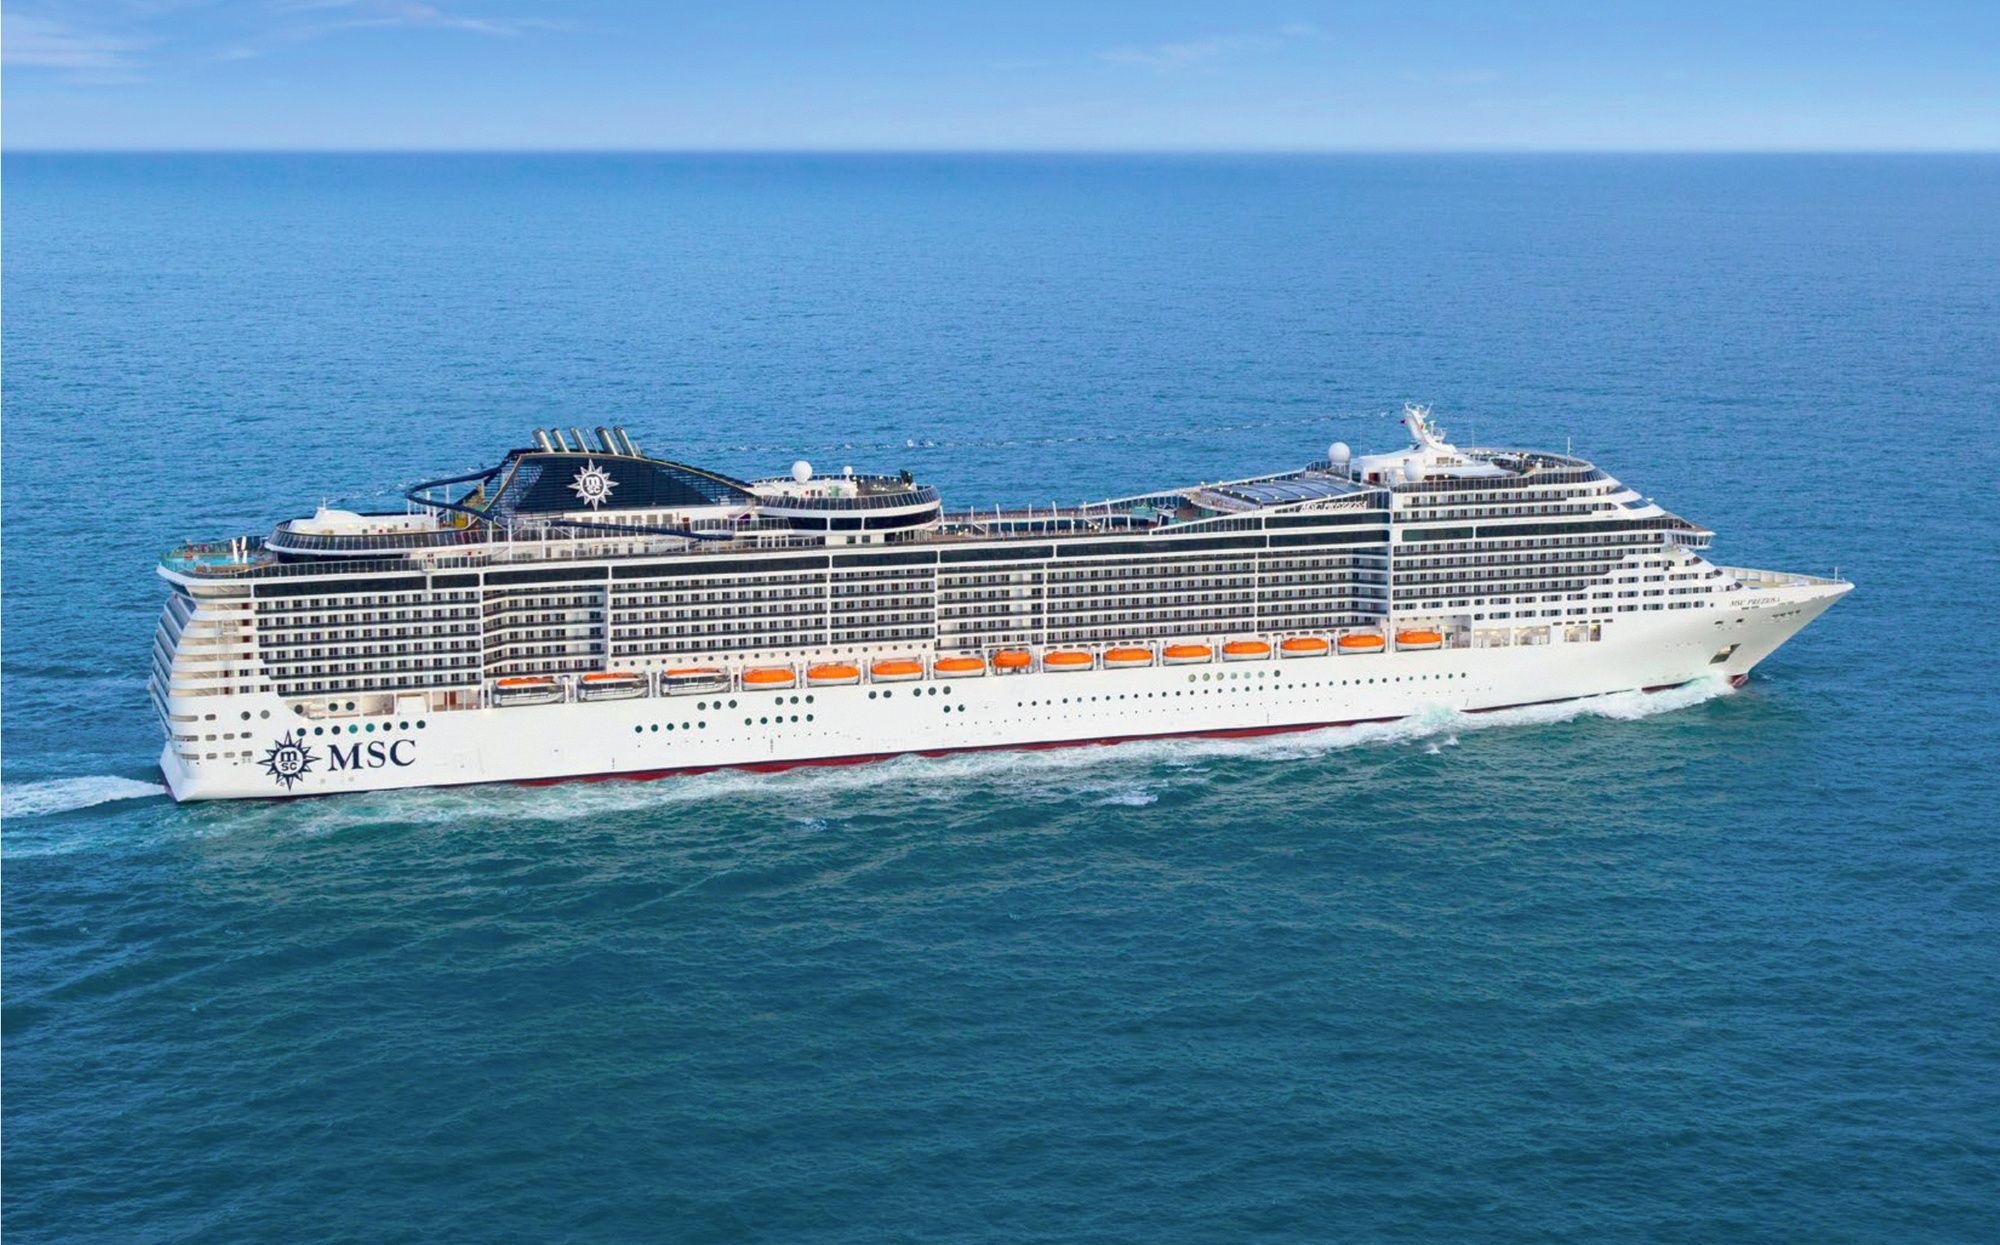 Un navire de croisière en Méditerranée